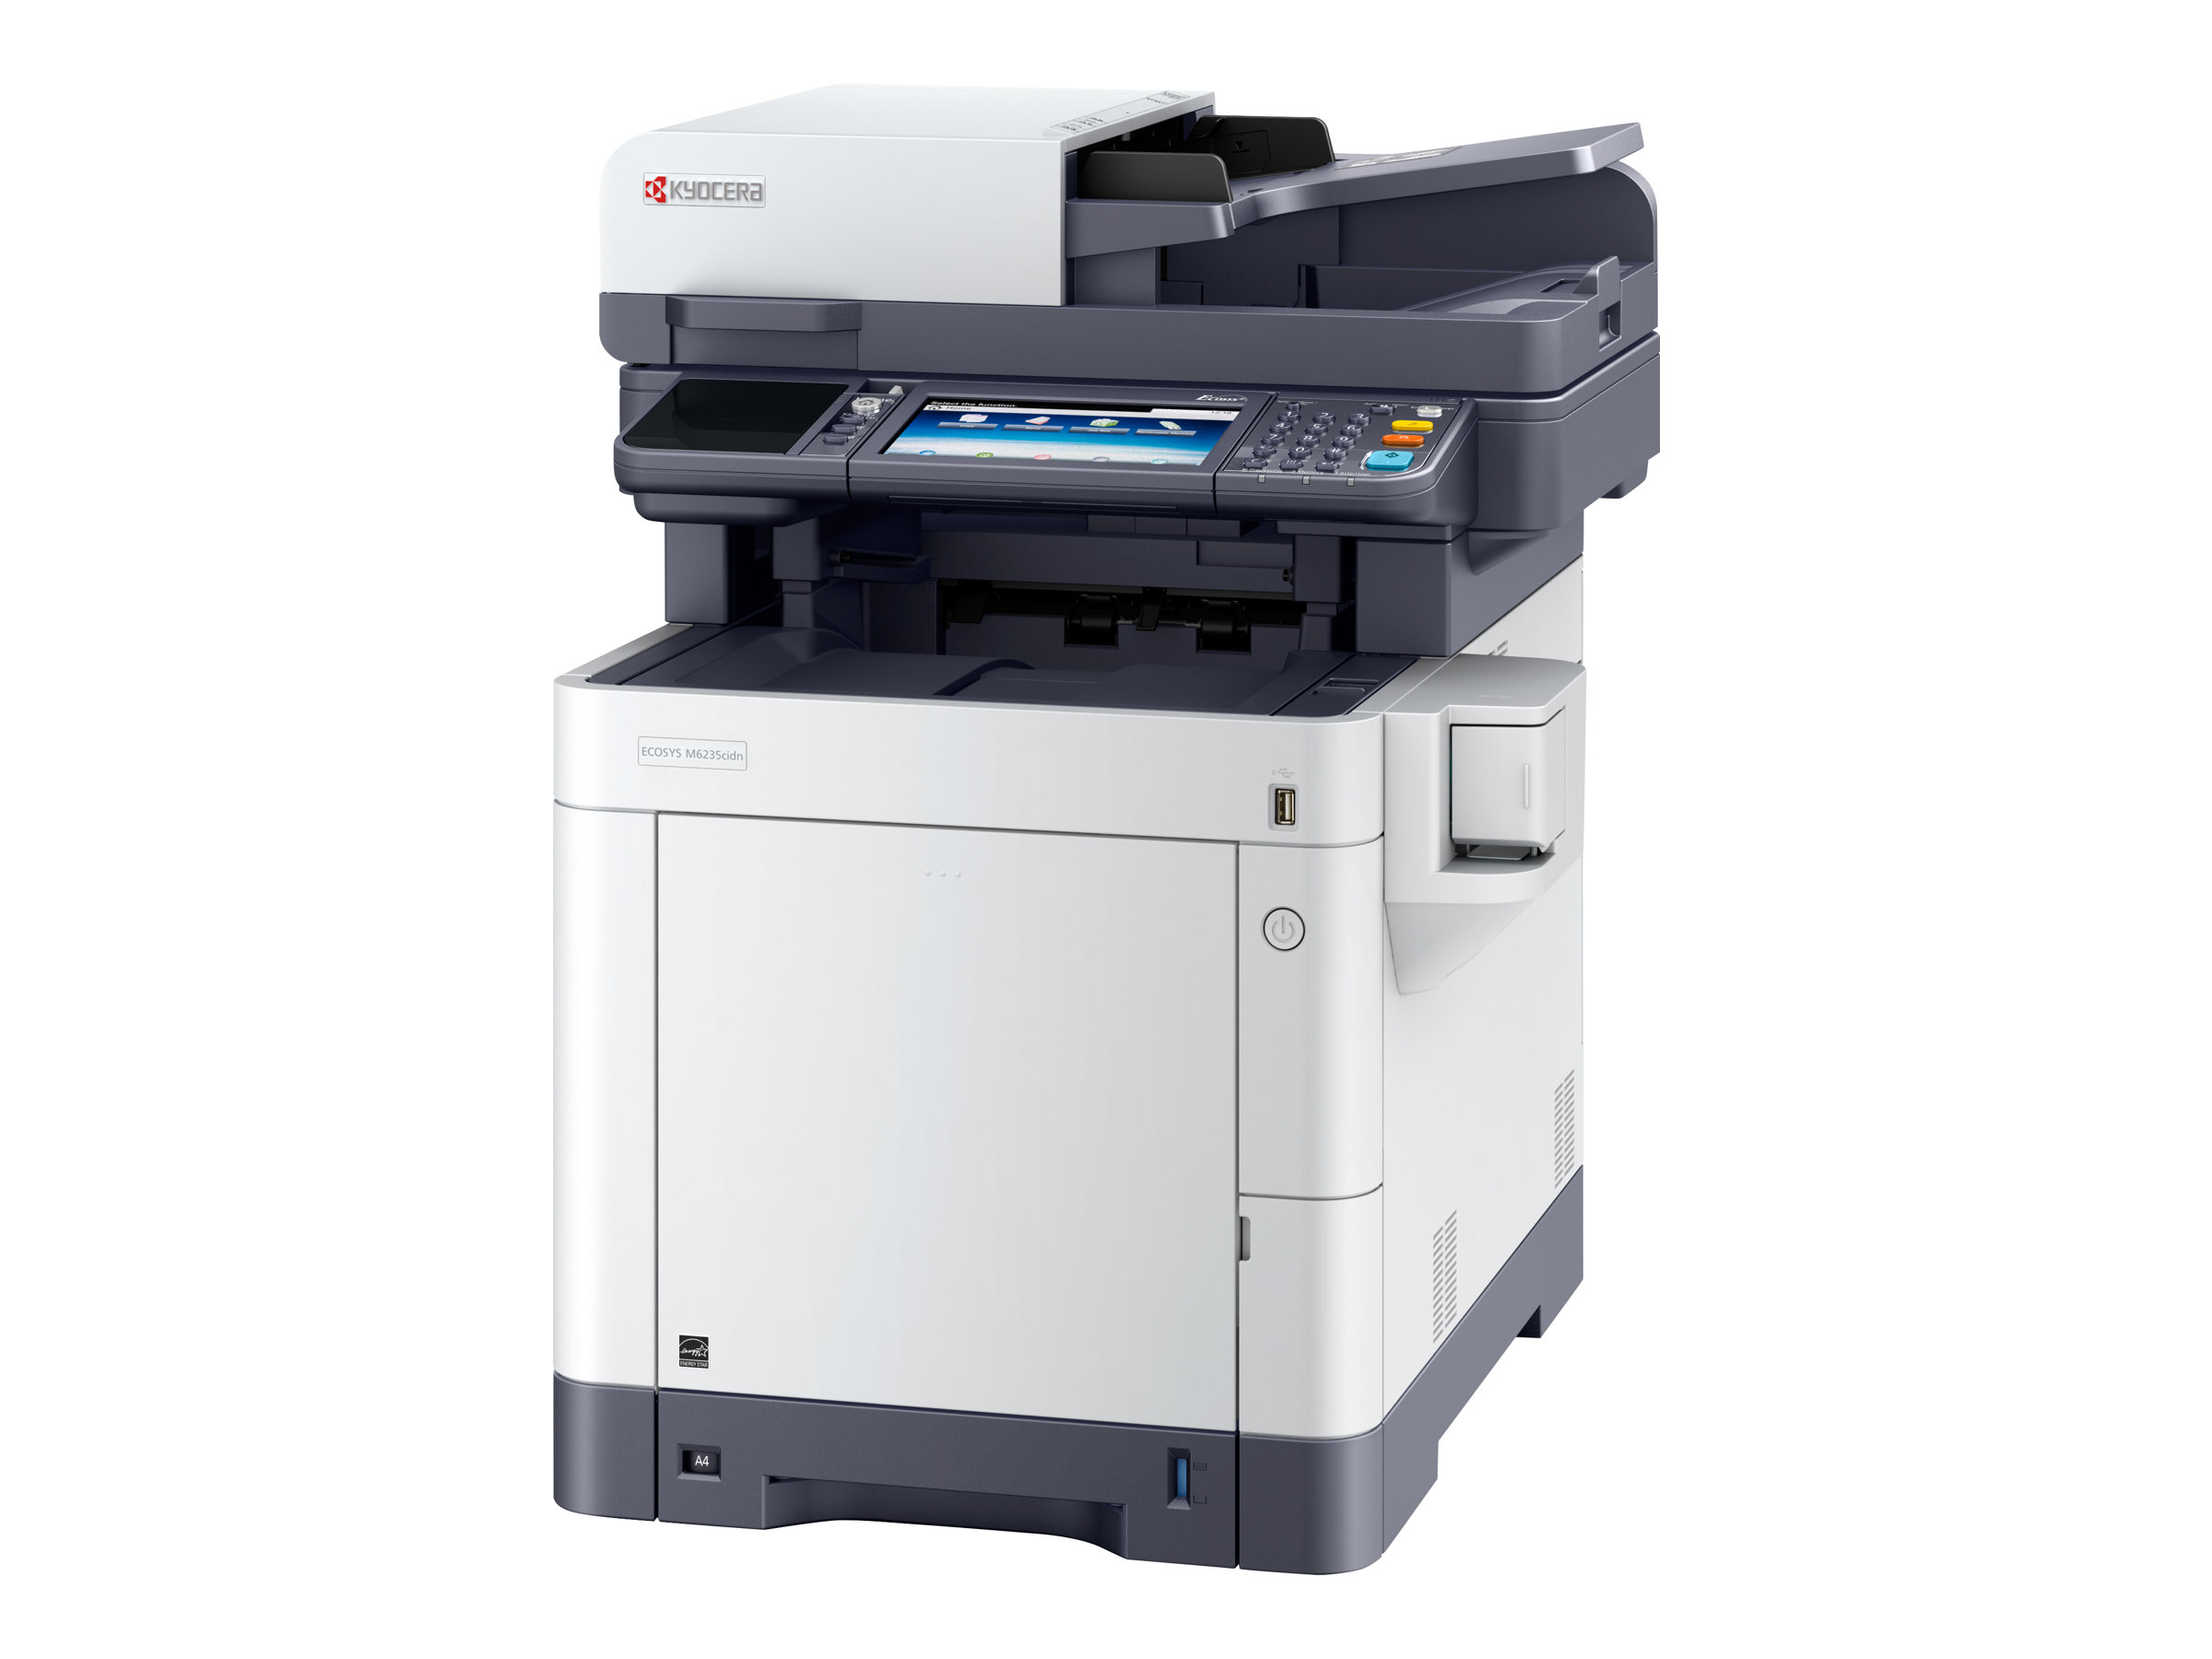 Kyocera ECOSYS M6235cidn - Multifunktionsdrucker - Farbe - Laser - Legal (216 x 356 mm)/